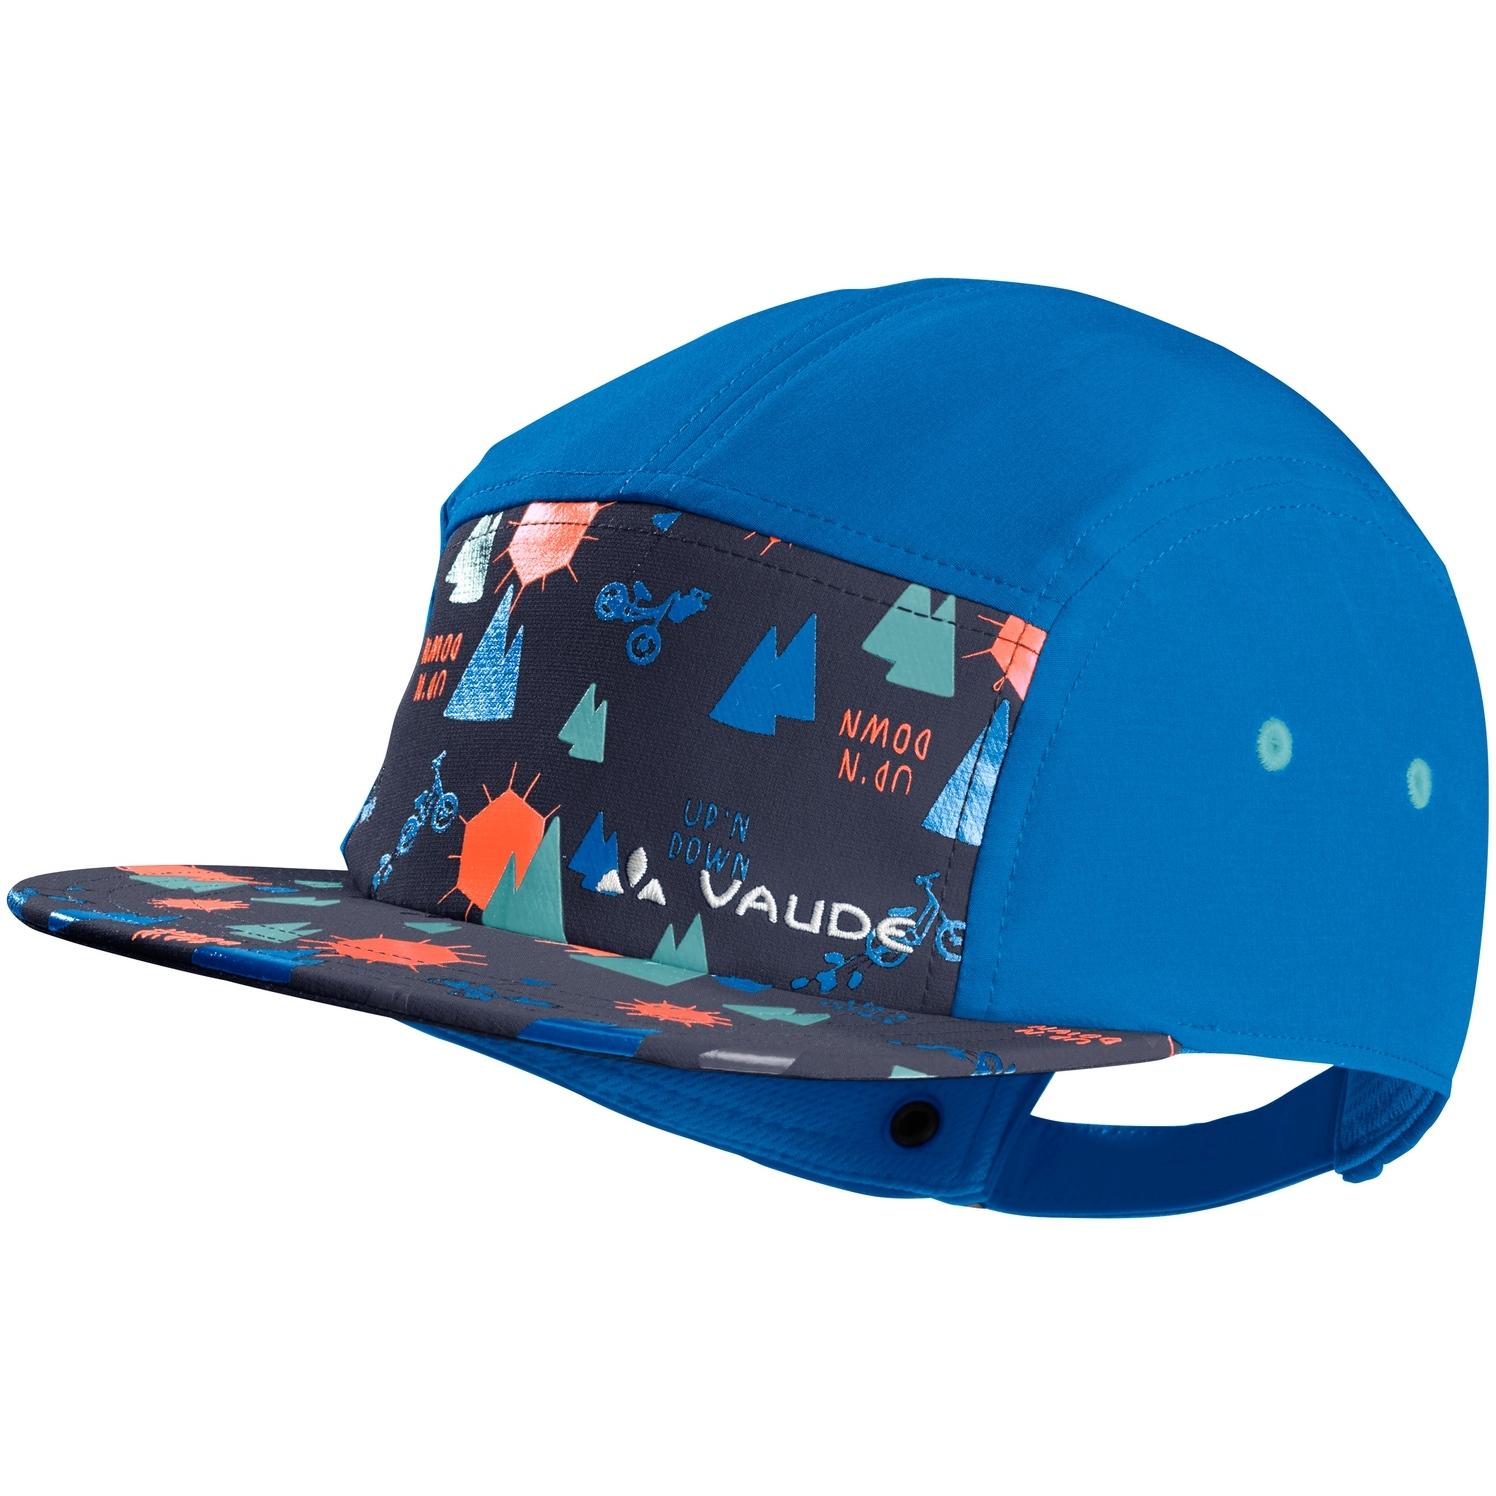 Vaude Kids Tammar Baseball Cap - radiate blue/eclipse